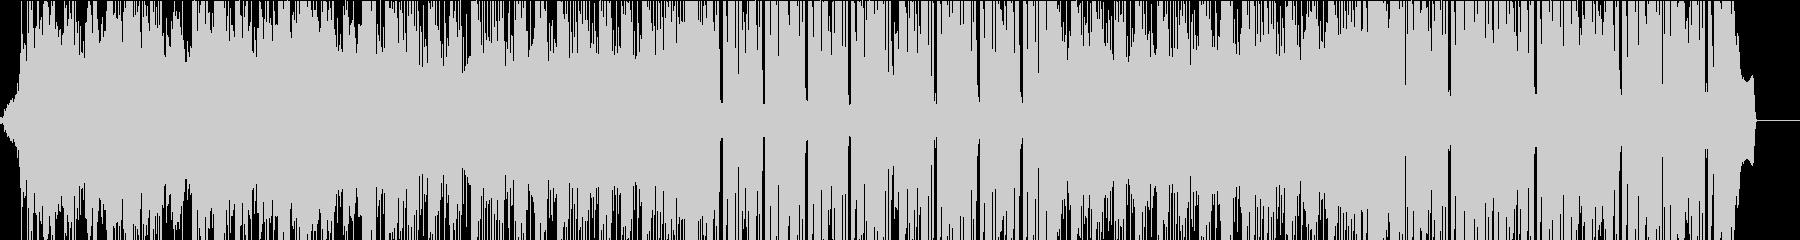 ダブステップ トラップ ヒップホッ...の未再生の波形